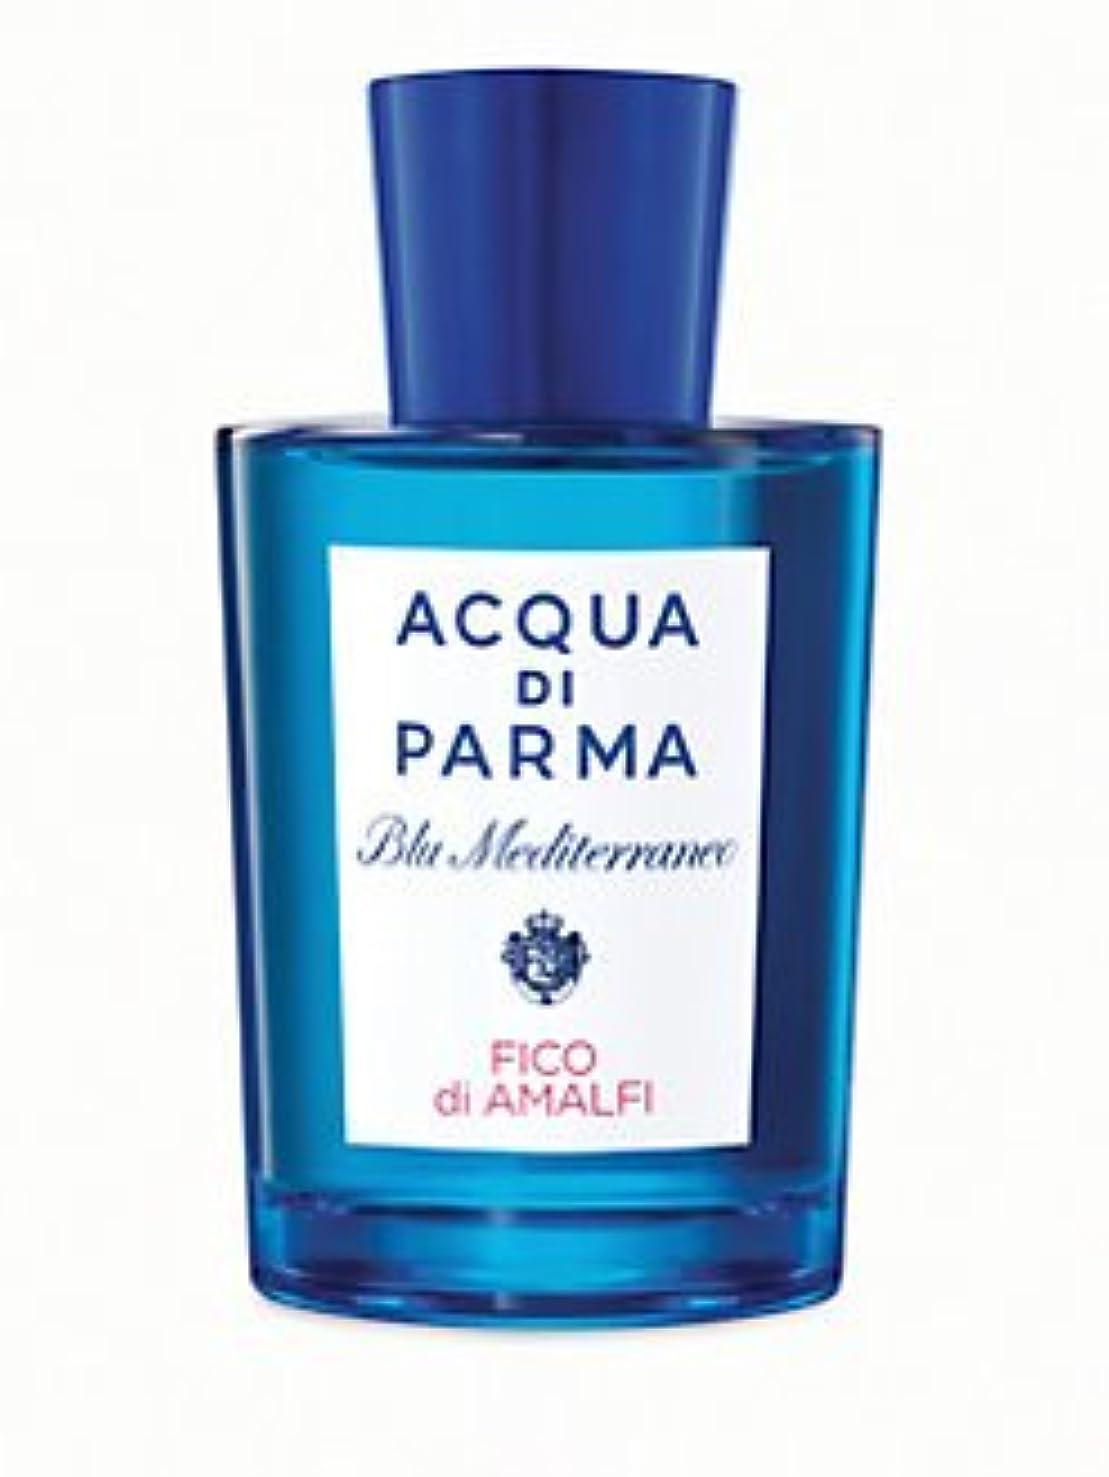 フォーマル月面だらしないBlu Mediterraneo Fico di Amalfi (ブルー メディタレーネオ フィコ ディ アマルフィ) 6.9 oz (200ml) Vitalizing Body Cream by Acqua di Parma